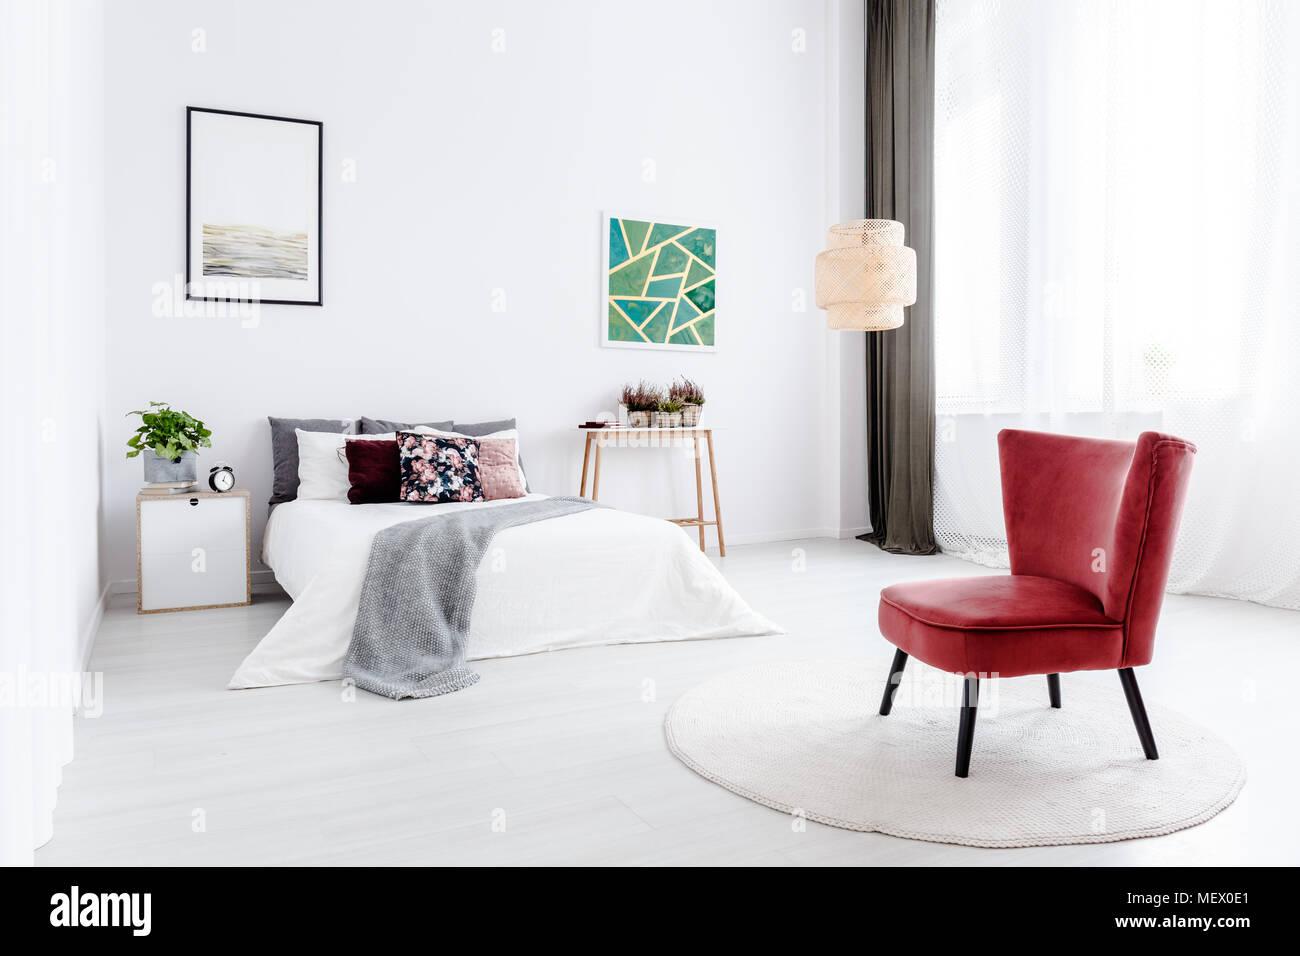 Poltrona rossa sul tappeto rotondo in bianco interiore camera da ...